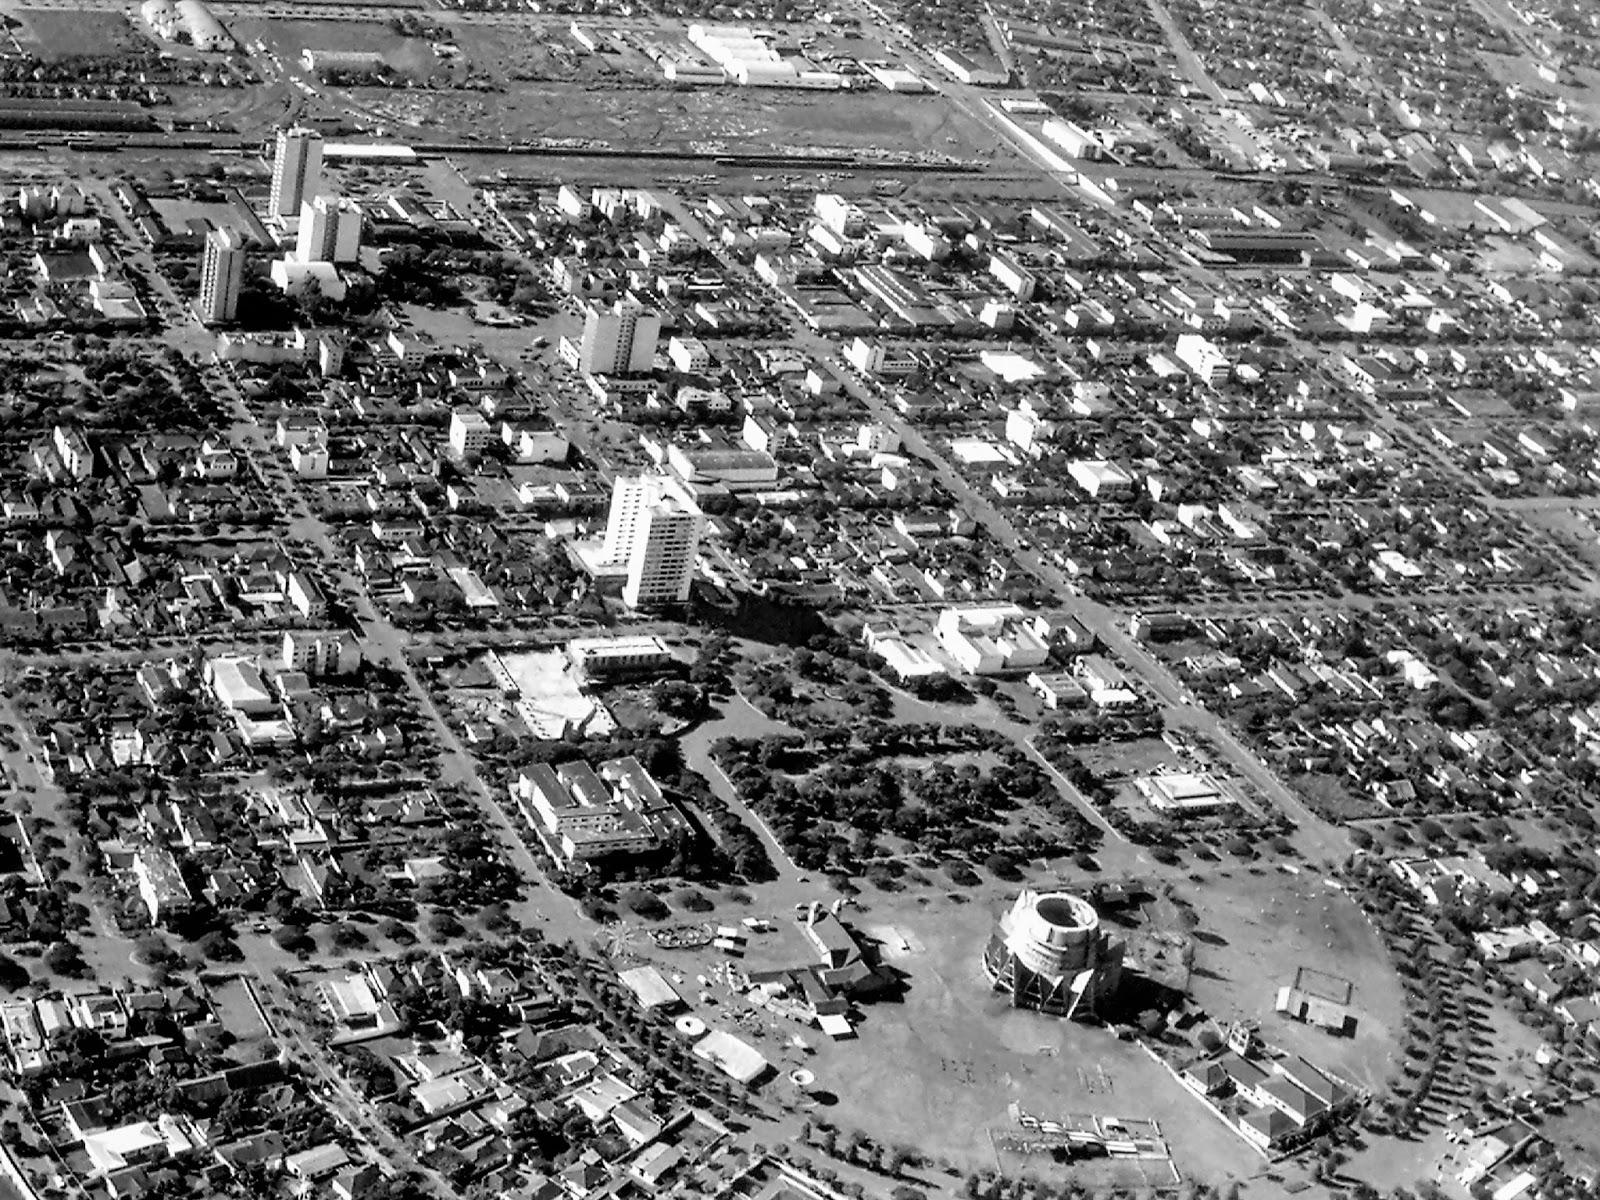 Vista aérea - Década de 1960